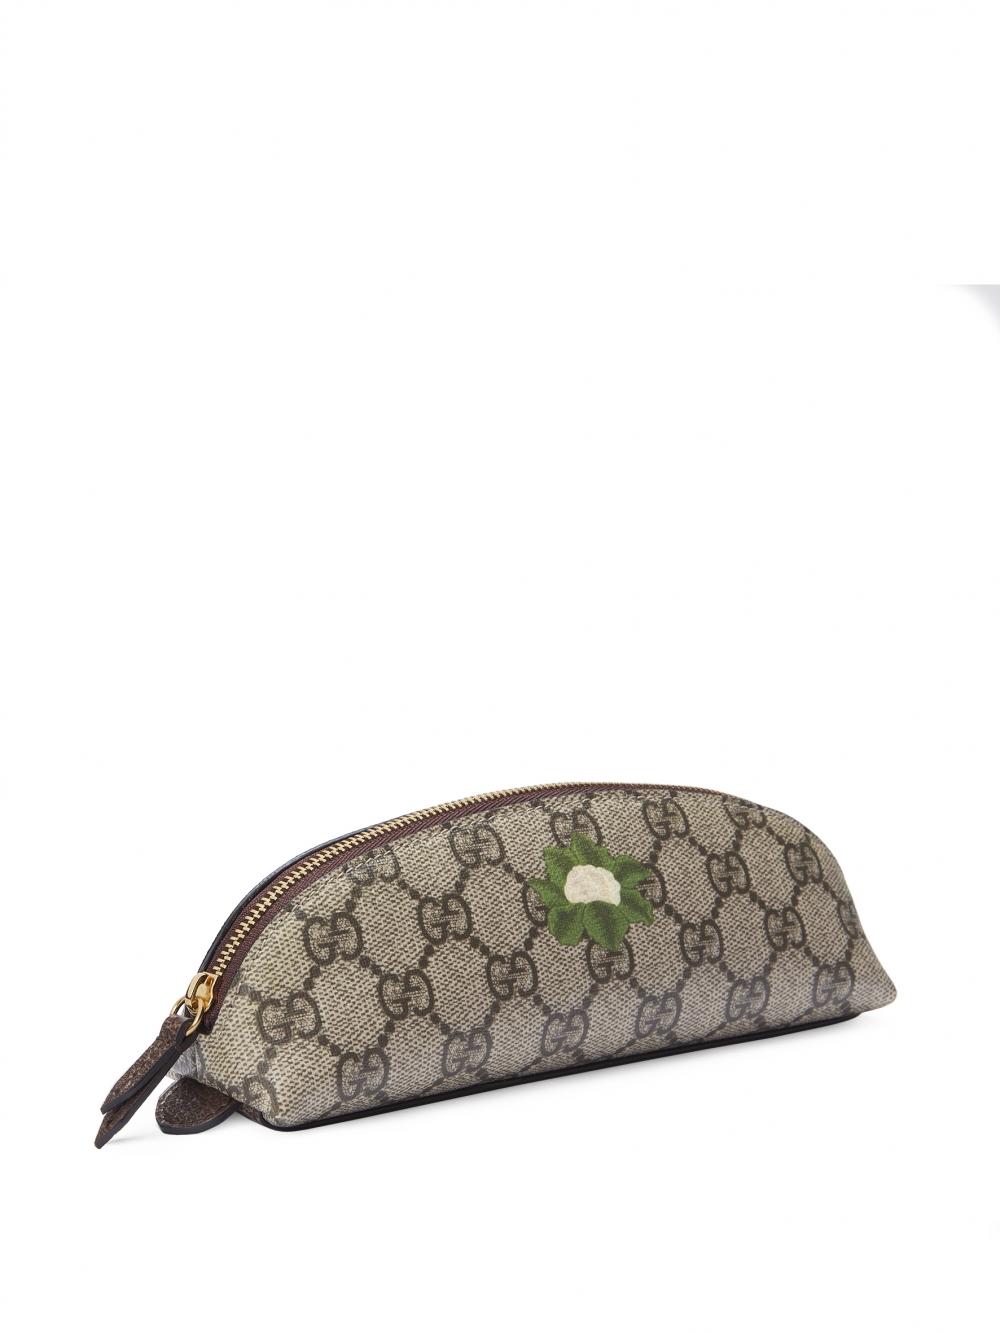 Gucci GG緹花圖案印花鉛筆盒